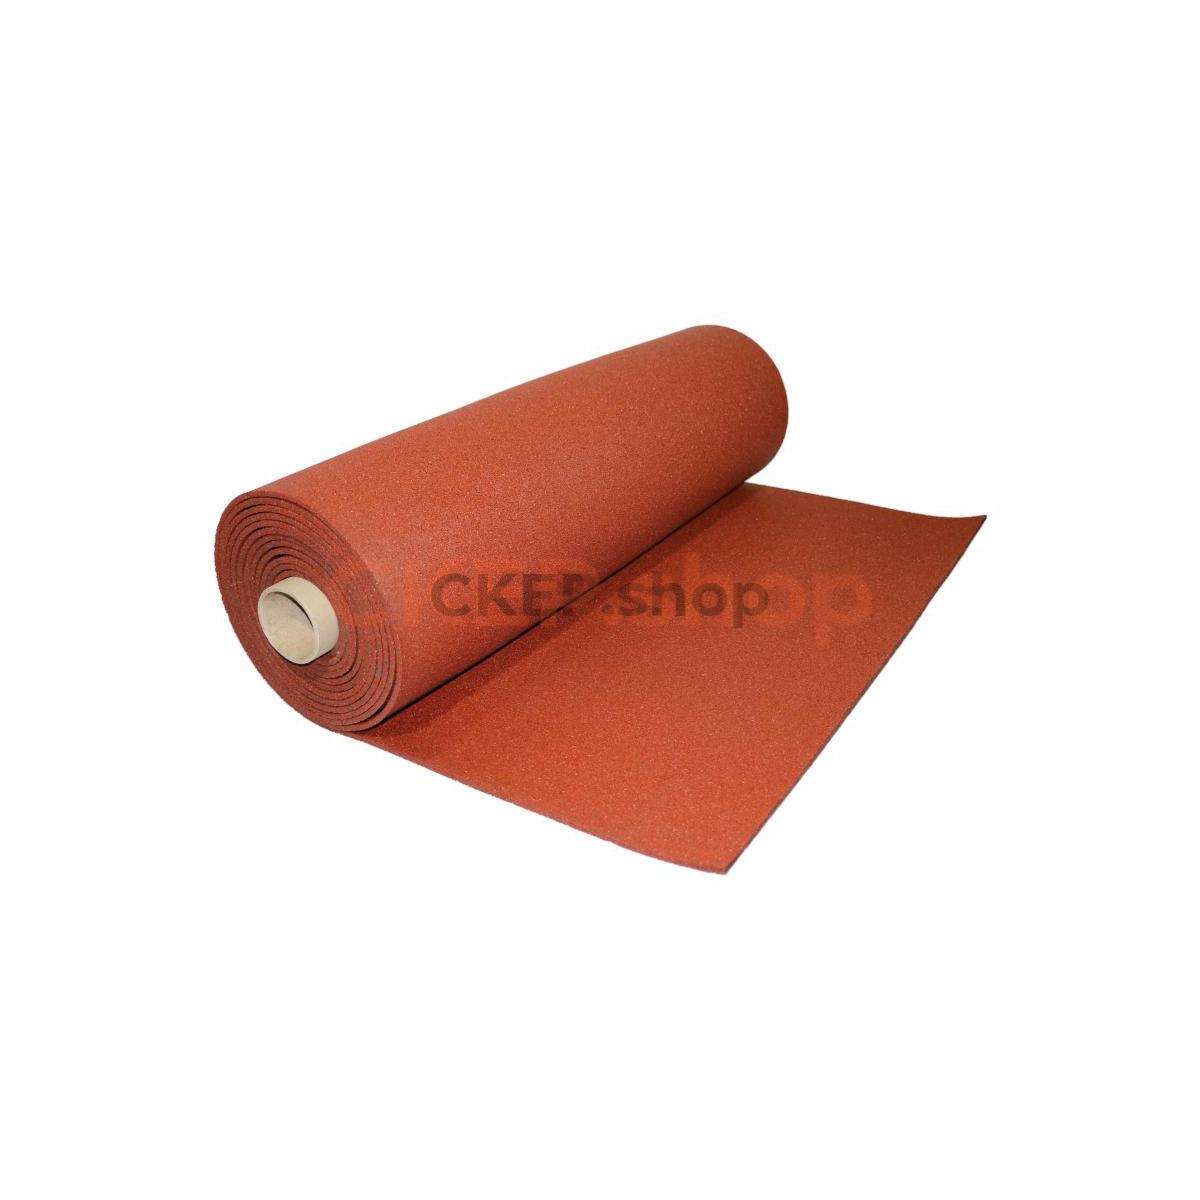 Покрытие из резиновой крошки рулонное SBR 100%, 900 кг/м3, 8 мм, терракот